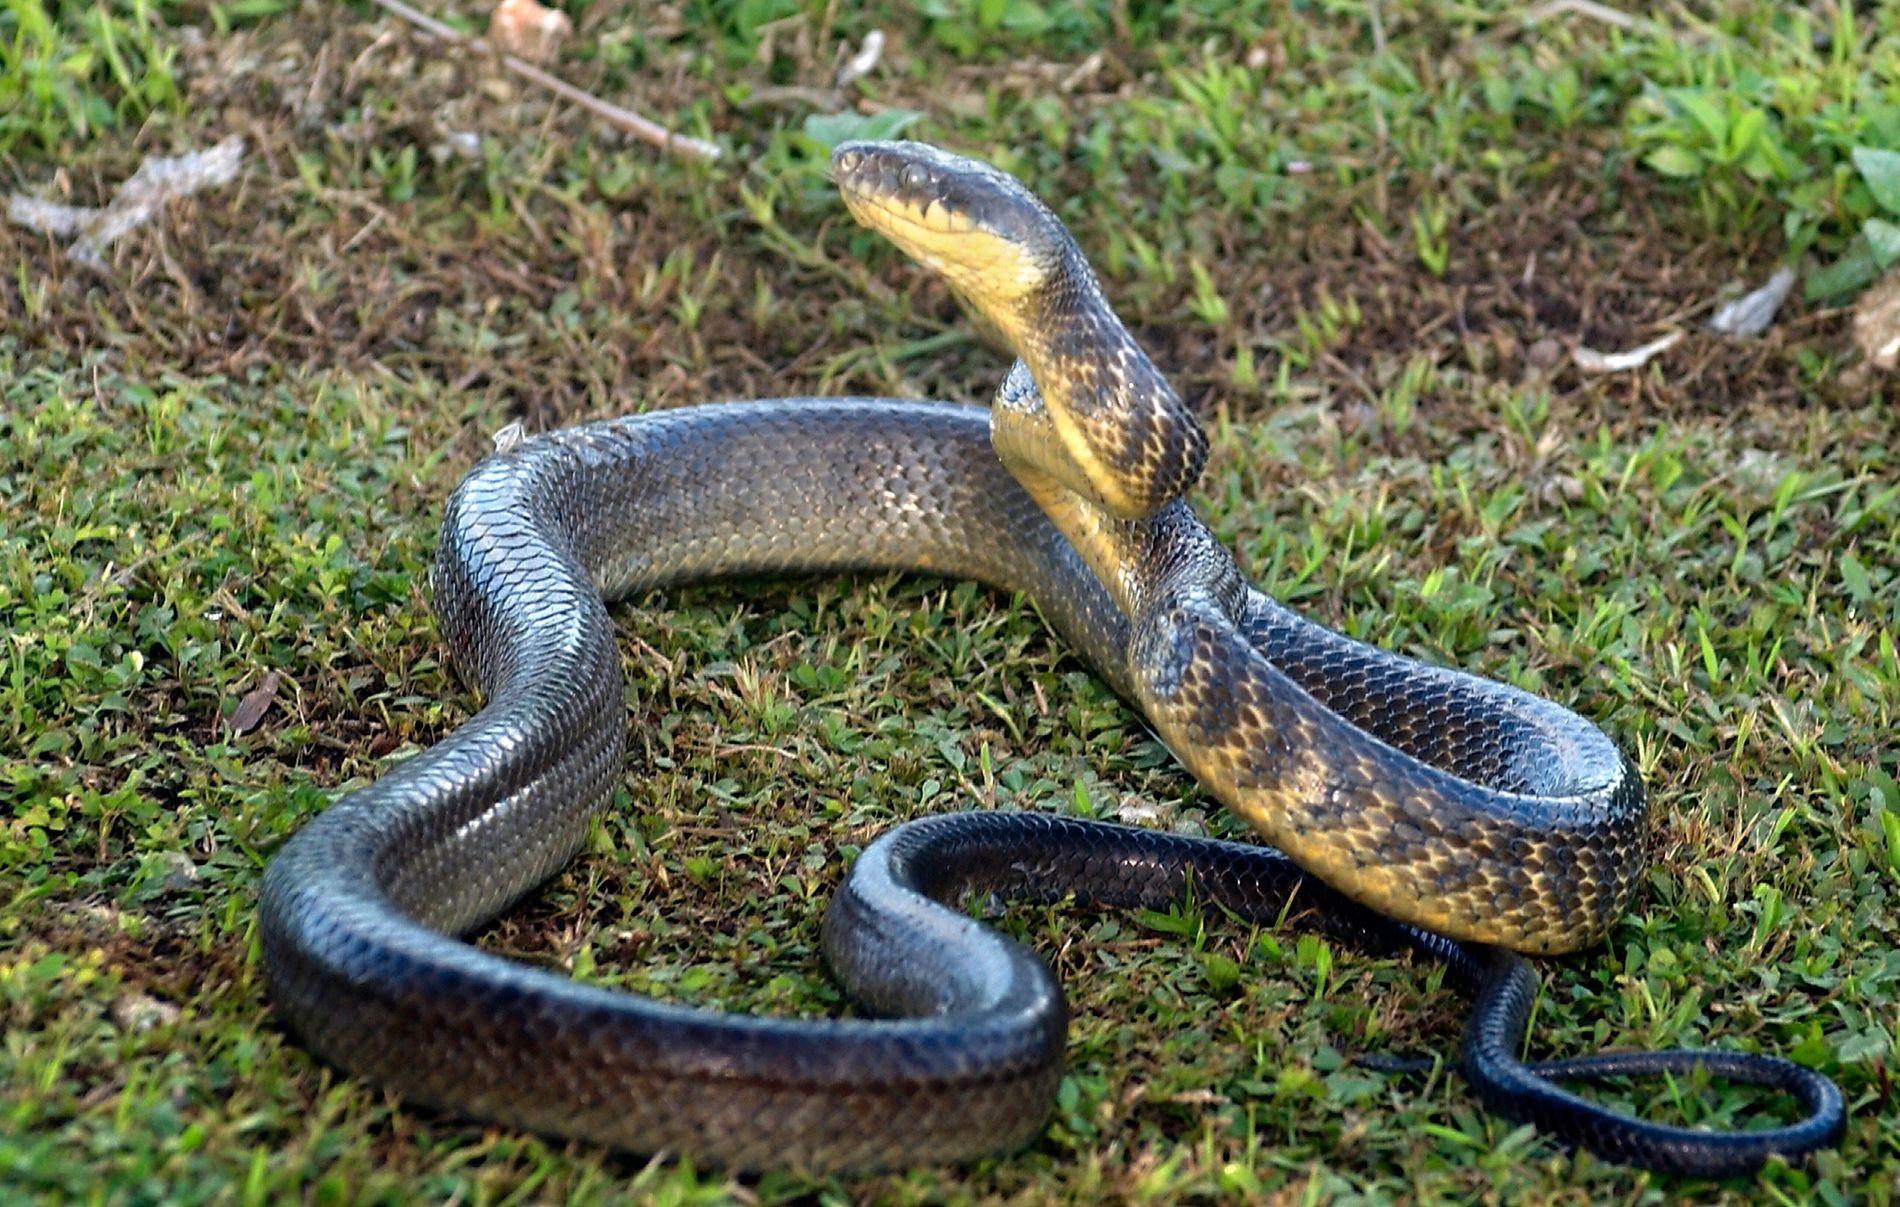 BRUN TRESNOK: Det er fire slanger av typen brun tresnok som nå får innvilget opphold på Hawaii.